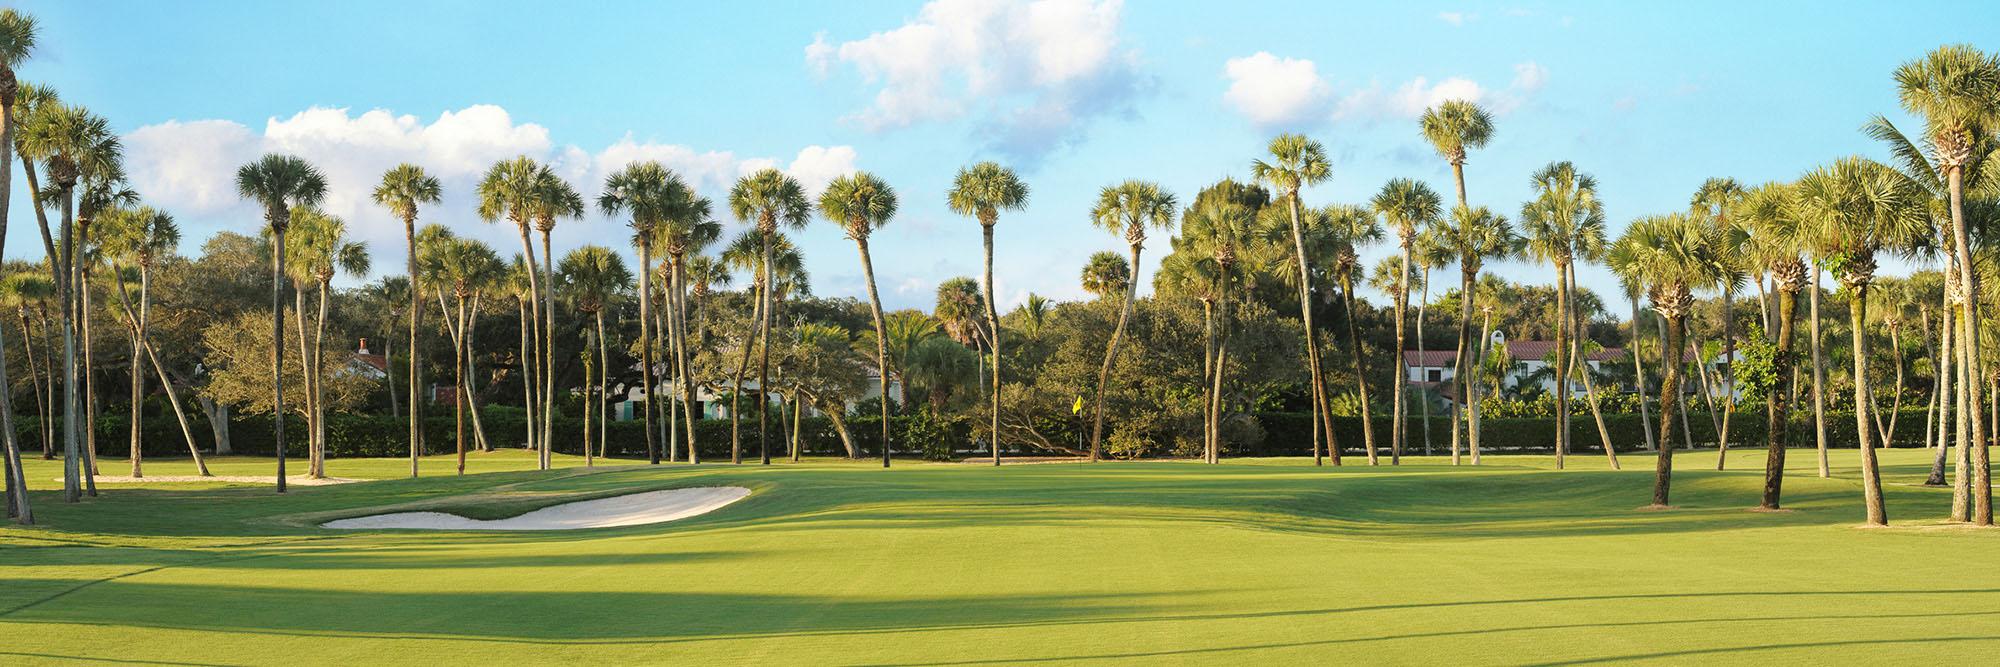 Golf Course Image - Riomar No. 9